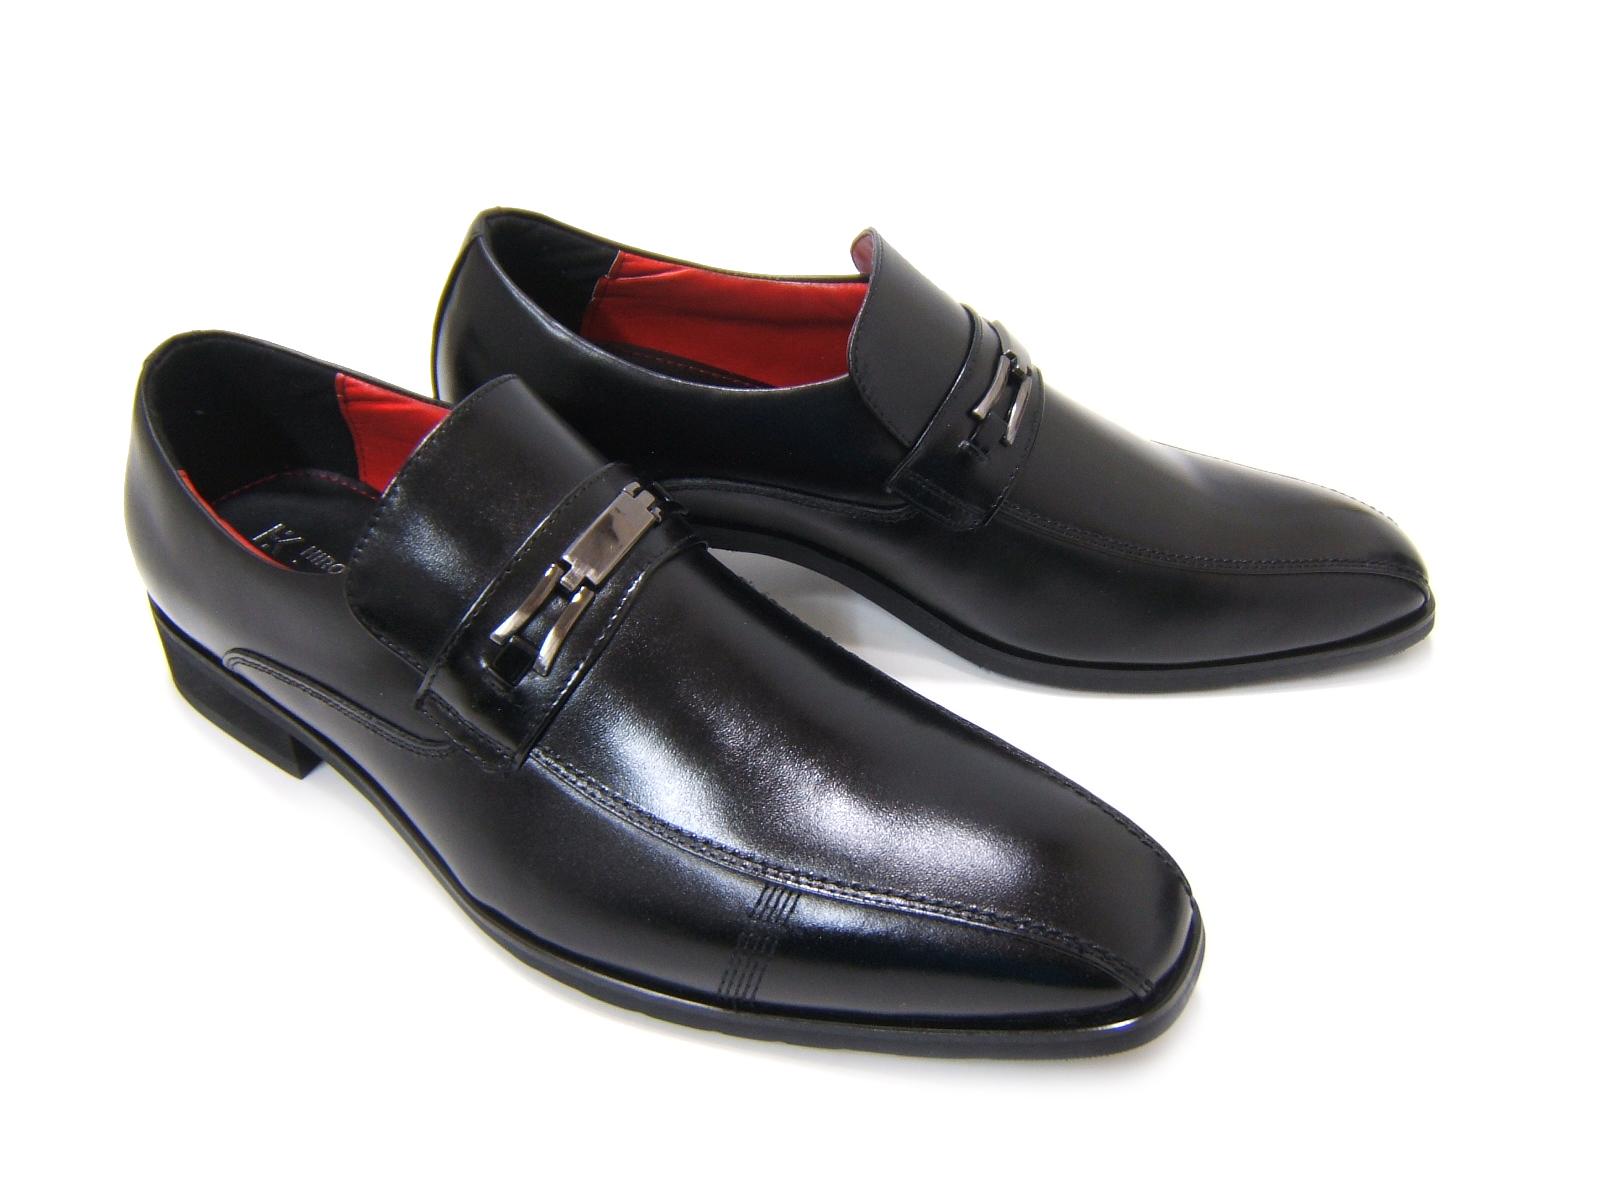 牛革仕様で光沢あるアッパー!信頼の日本製!HIROKO KOSHINO/ヒロコ コシノ ビジネス紳士靴 ブラック 金具付き スリップオンHK5557 3Eワイズ ビジネス 送料無料